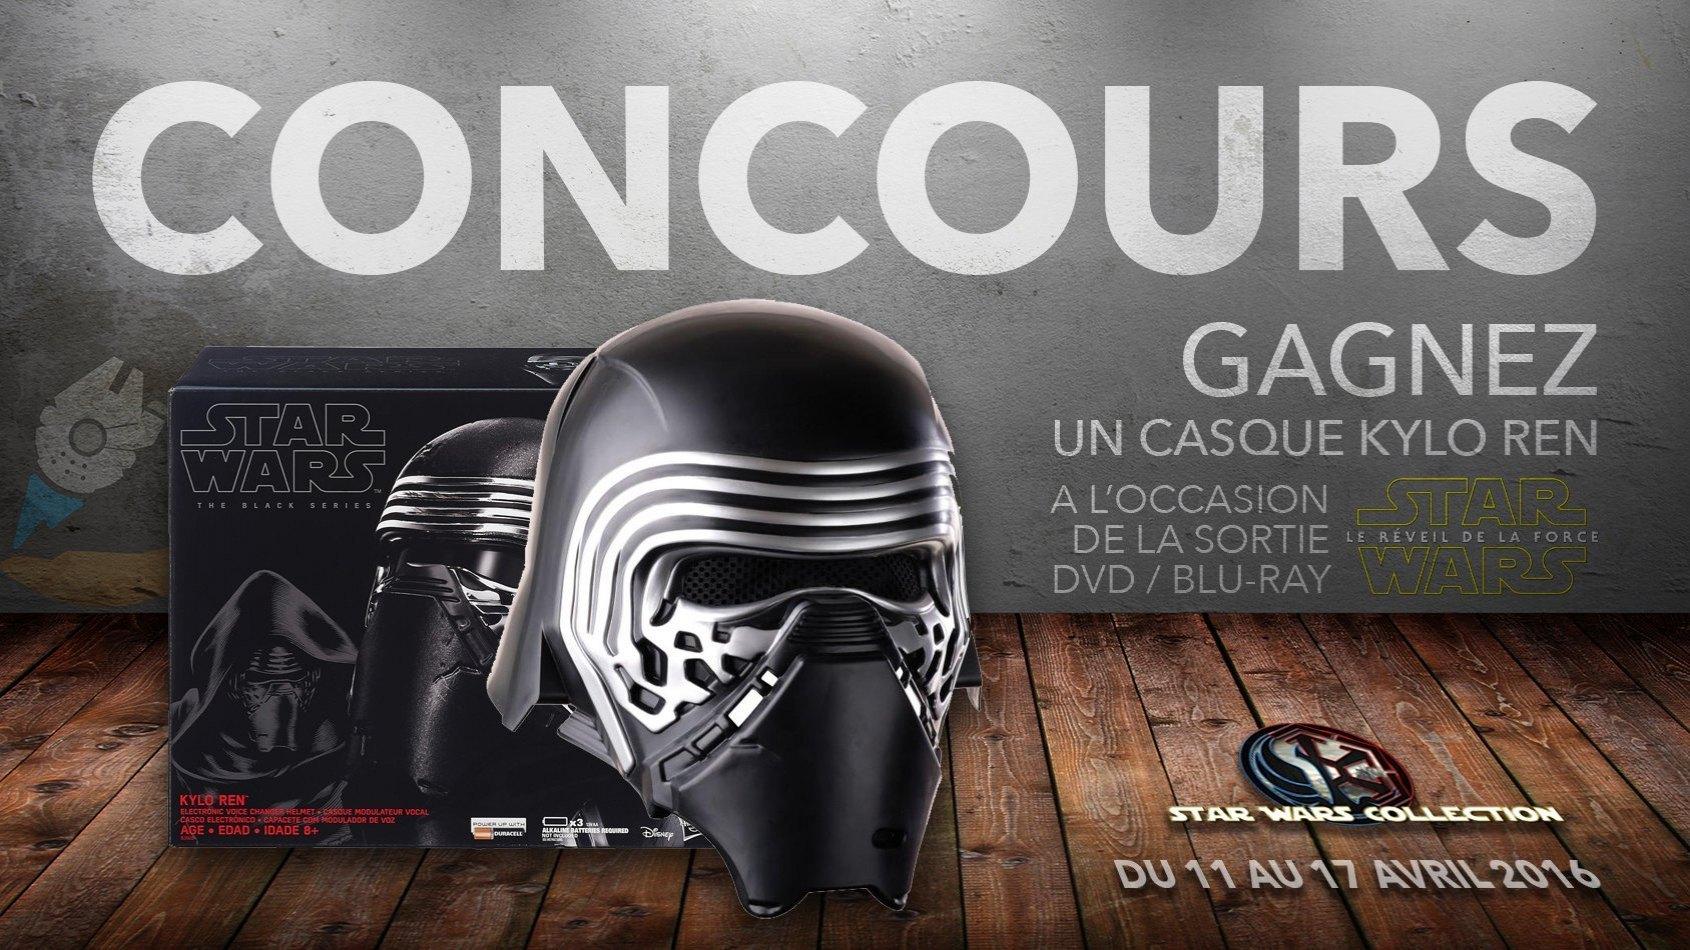 CONCOURS - Gagnez un casque Kylo Ren Black Series